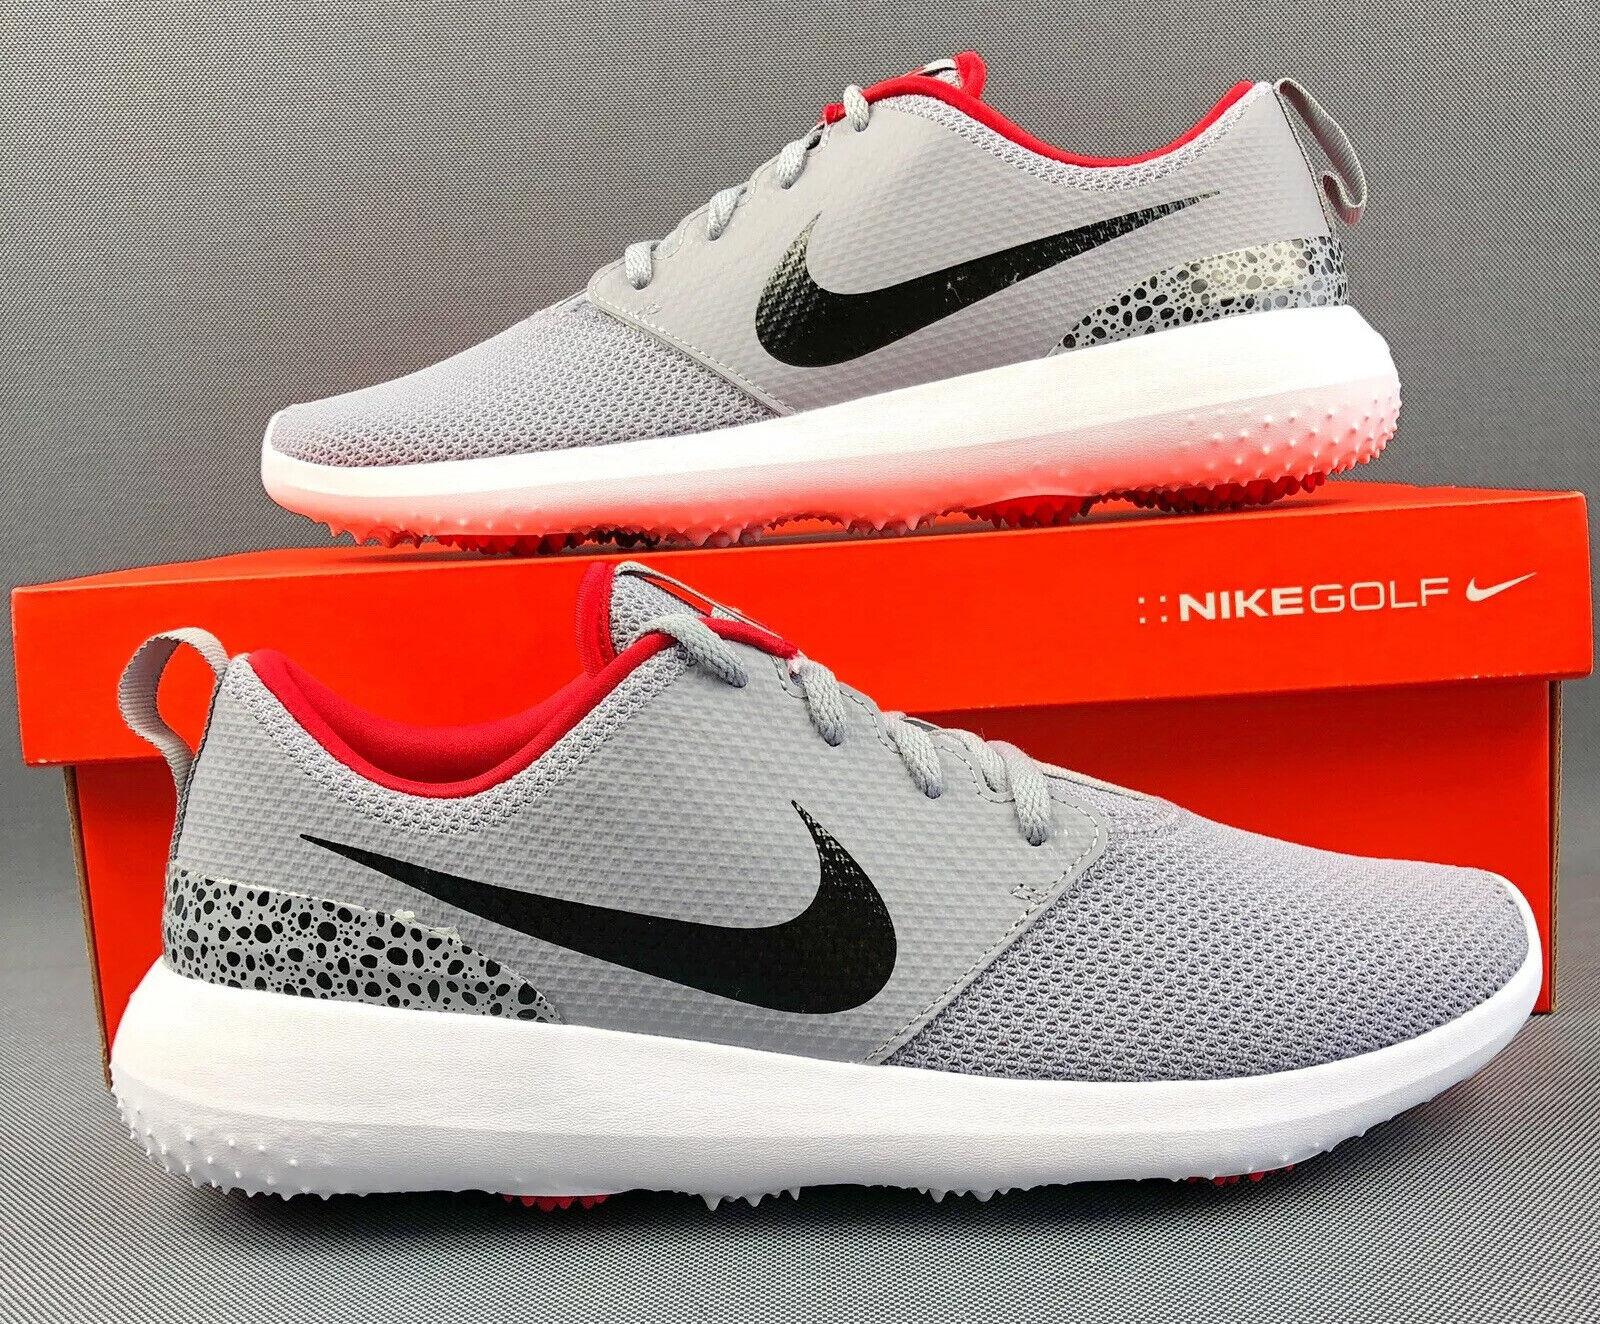 2019 Nike Roshe G Spikeless Golf Shoes Medium 8 5 For Sale Online Ebay